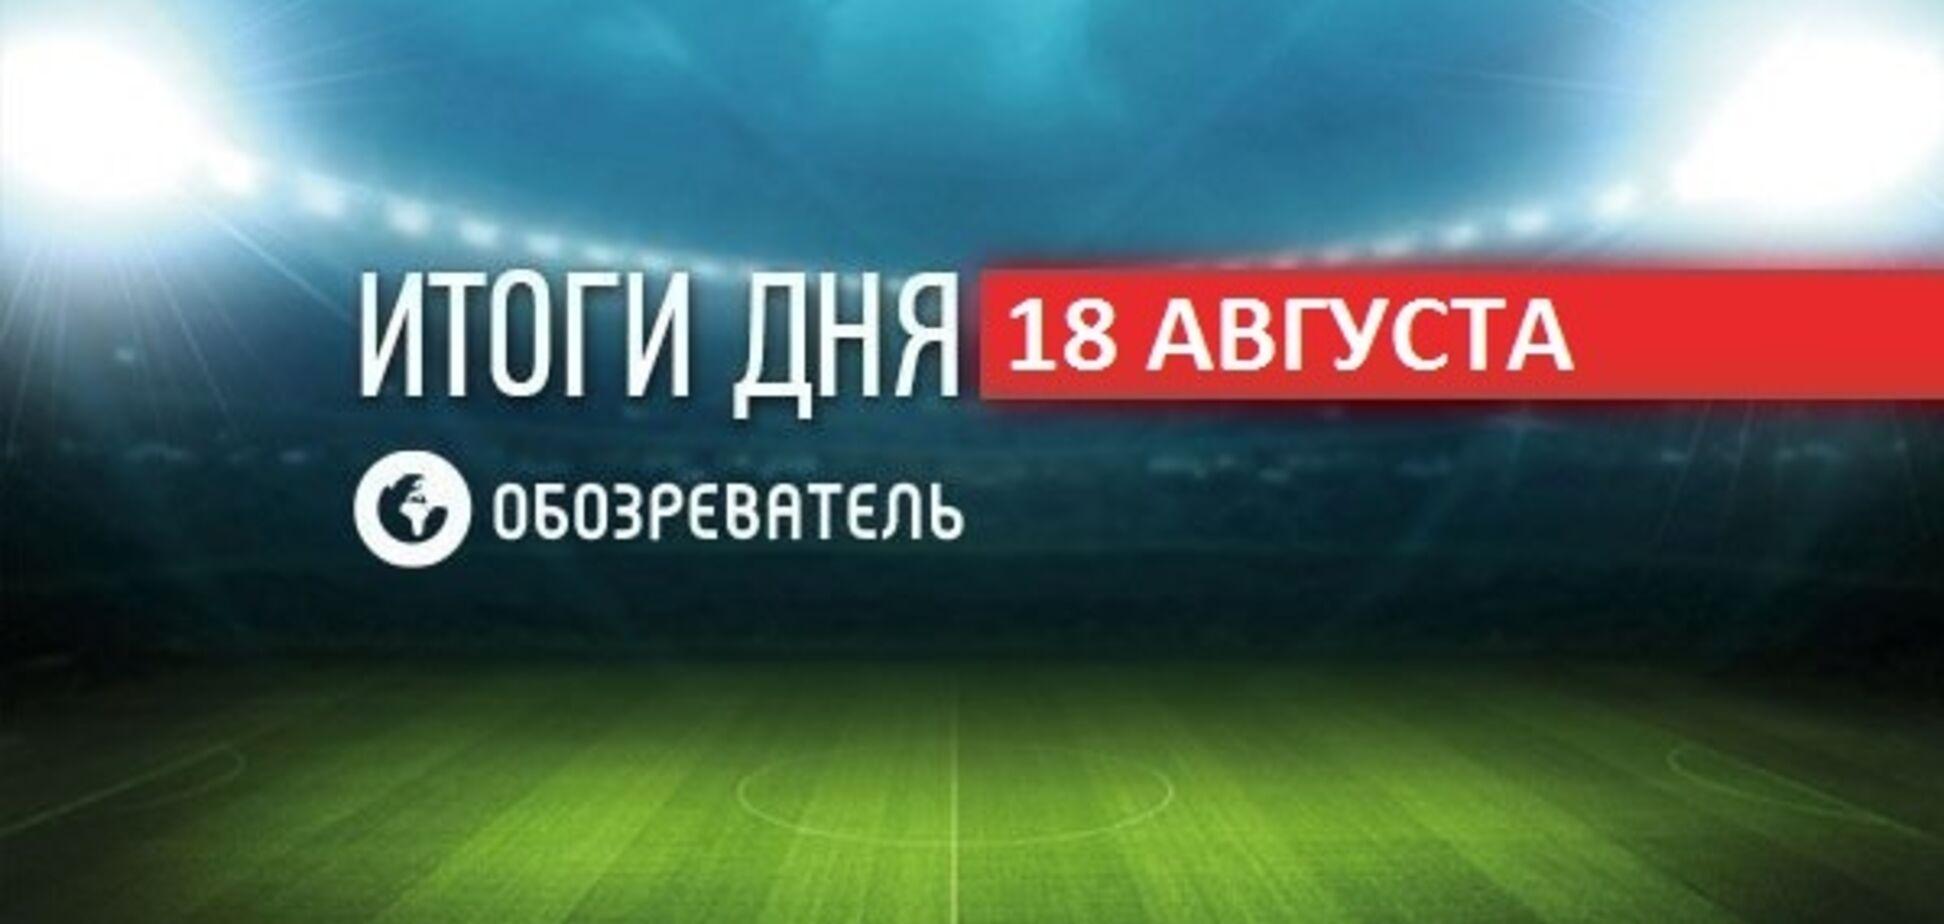 Ракицкого затравили в России: спортивные итоги 18 августа